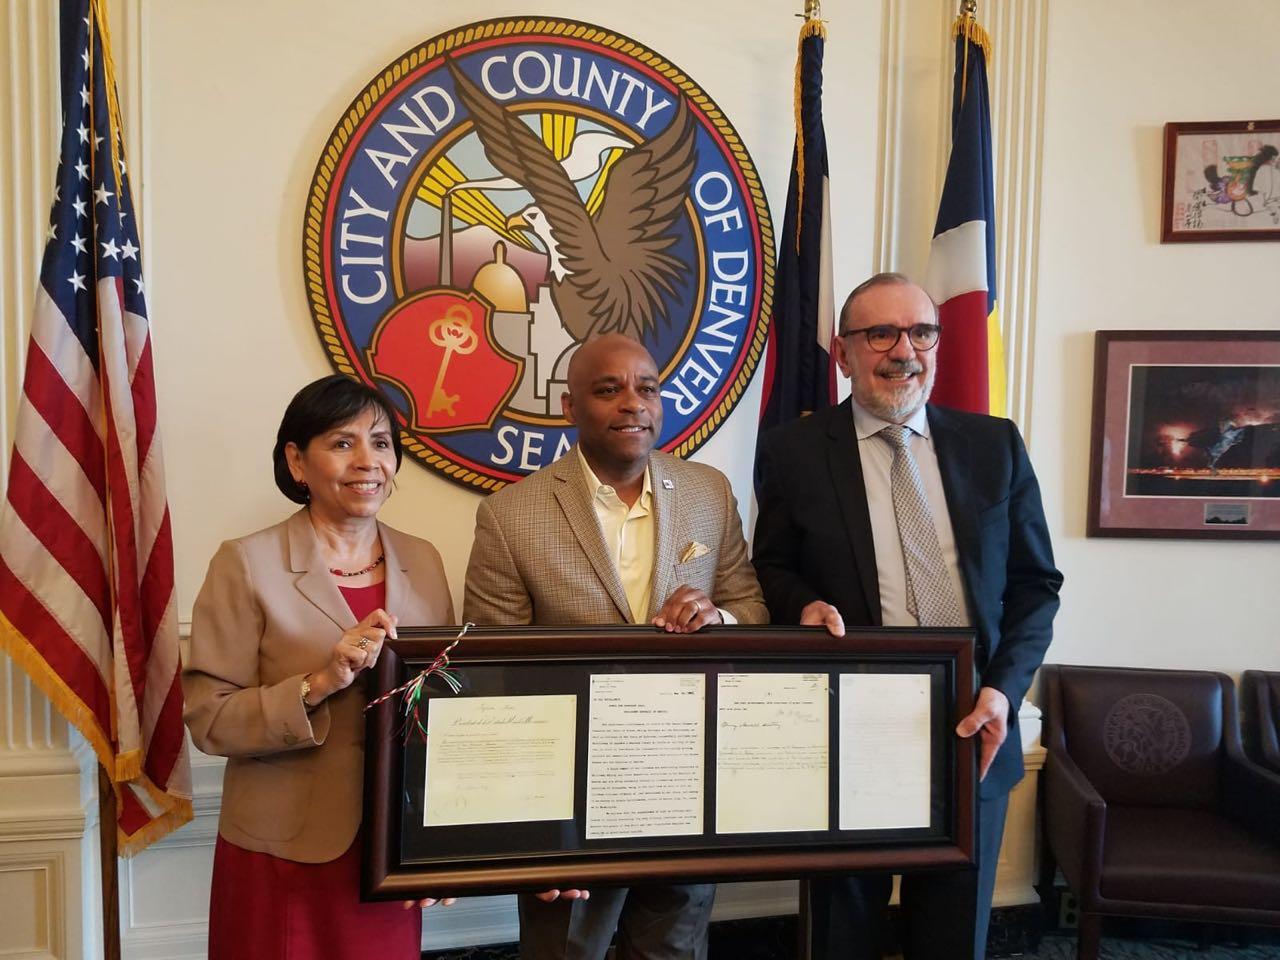 Subsecretario Carlos Sada con el Alcalde de Denver,Michael Hancock